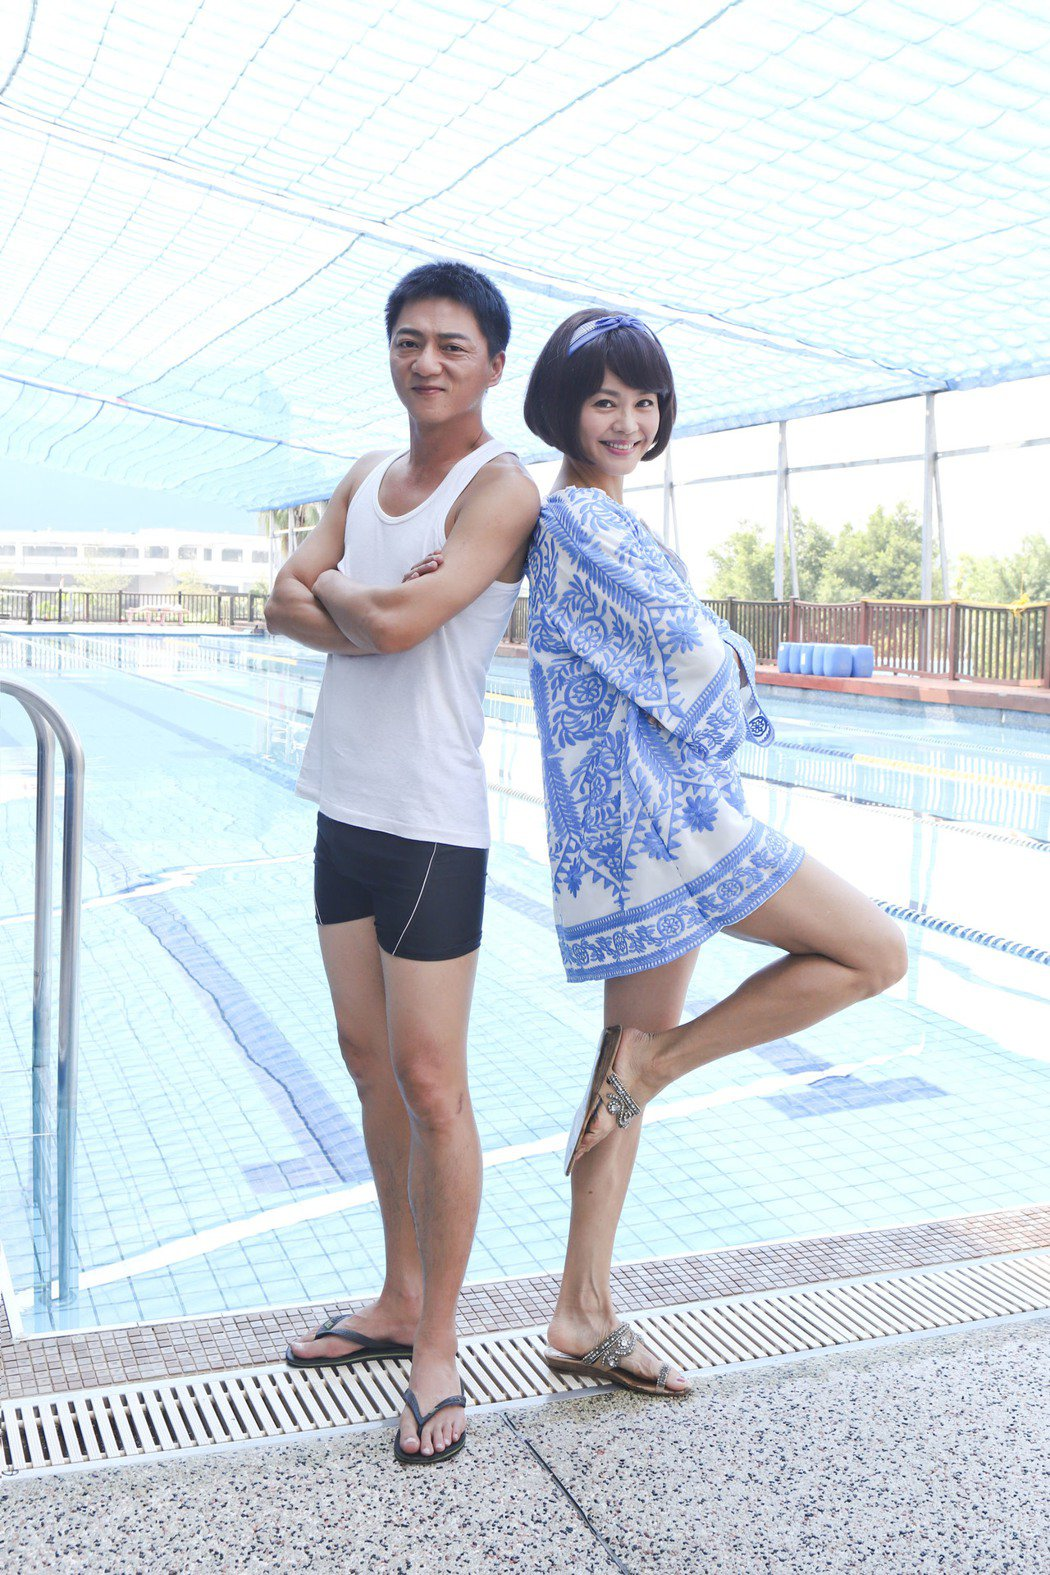 張䕒心(右) 、藍葦華為「多情城市」拍攝游泳池戲。圖/民視提供